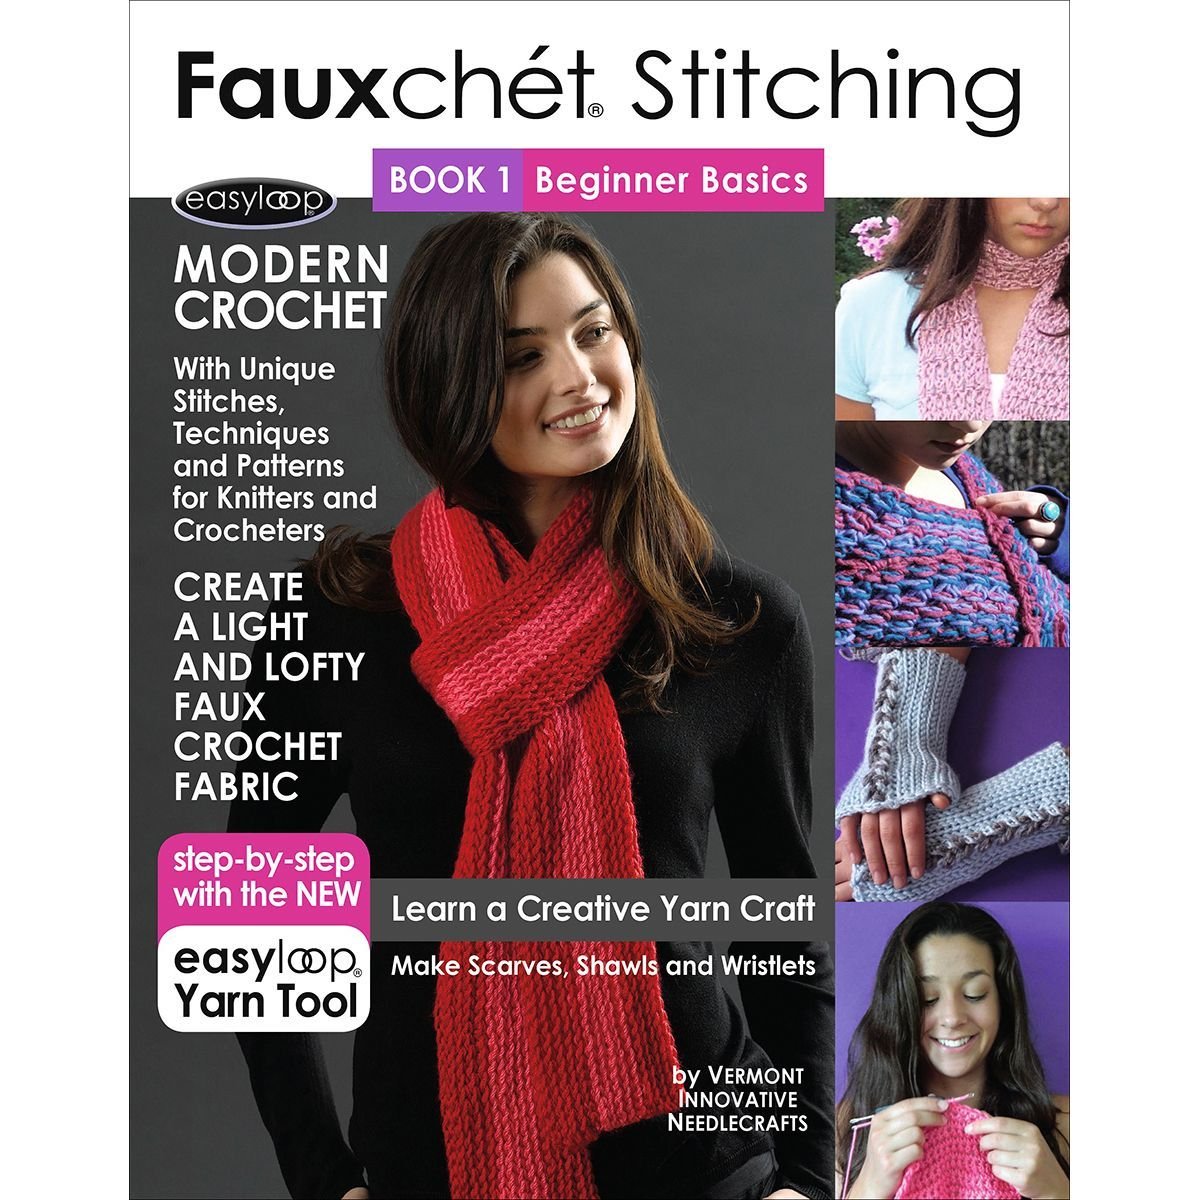 Fauxchet Stitching Book 1Beginner Basics